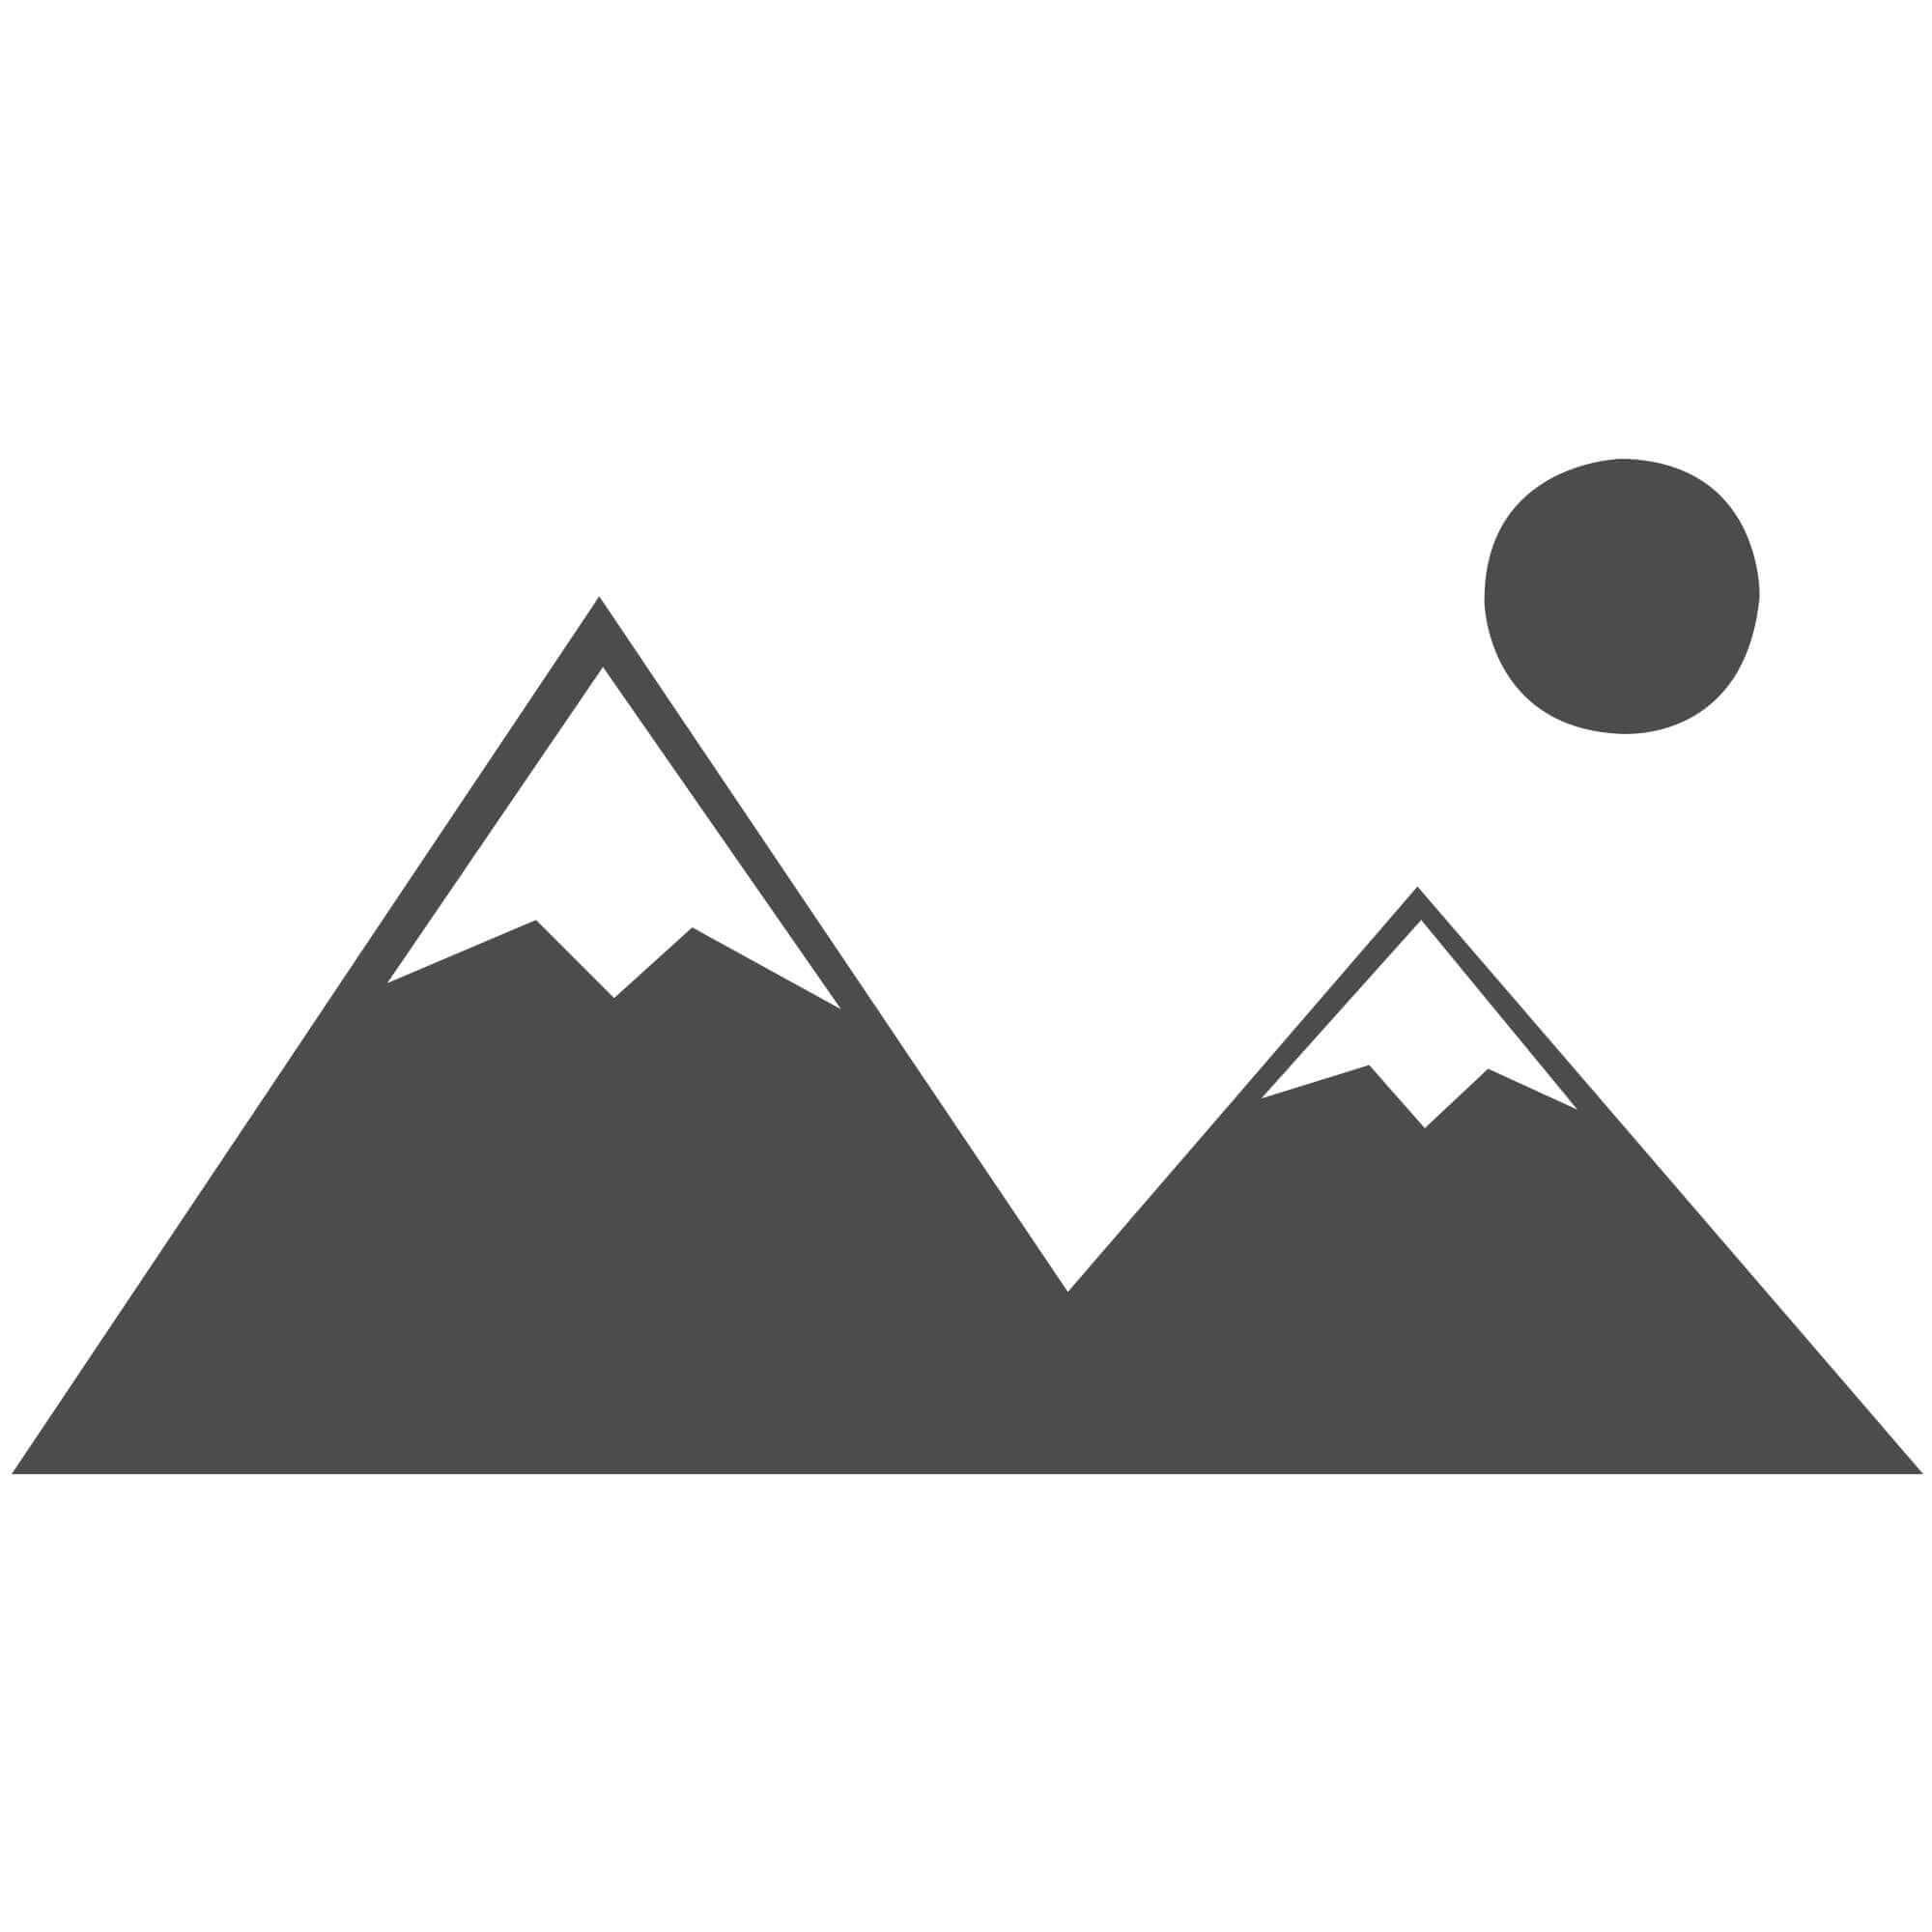 """Galleria Rug - Squares 79244 4848 - Size 200 x 290 cm (6'7"""" x 9'6"""")"""